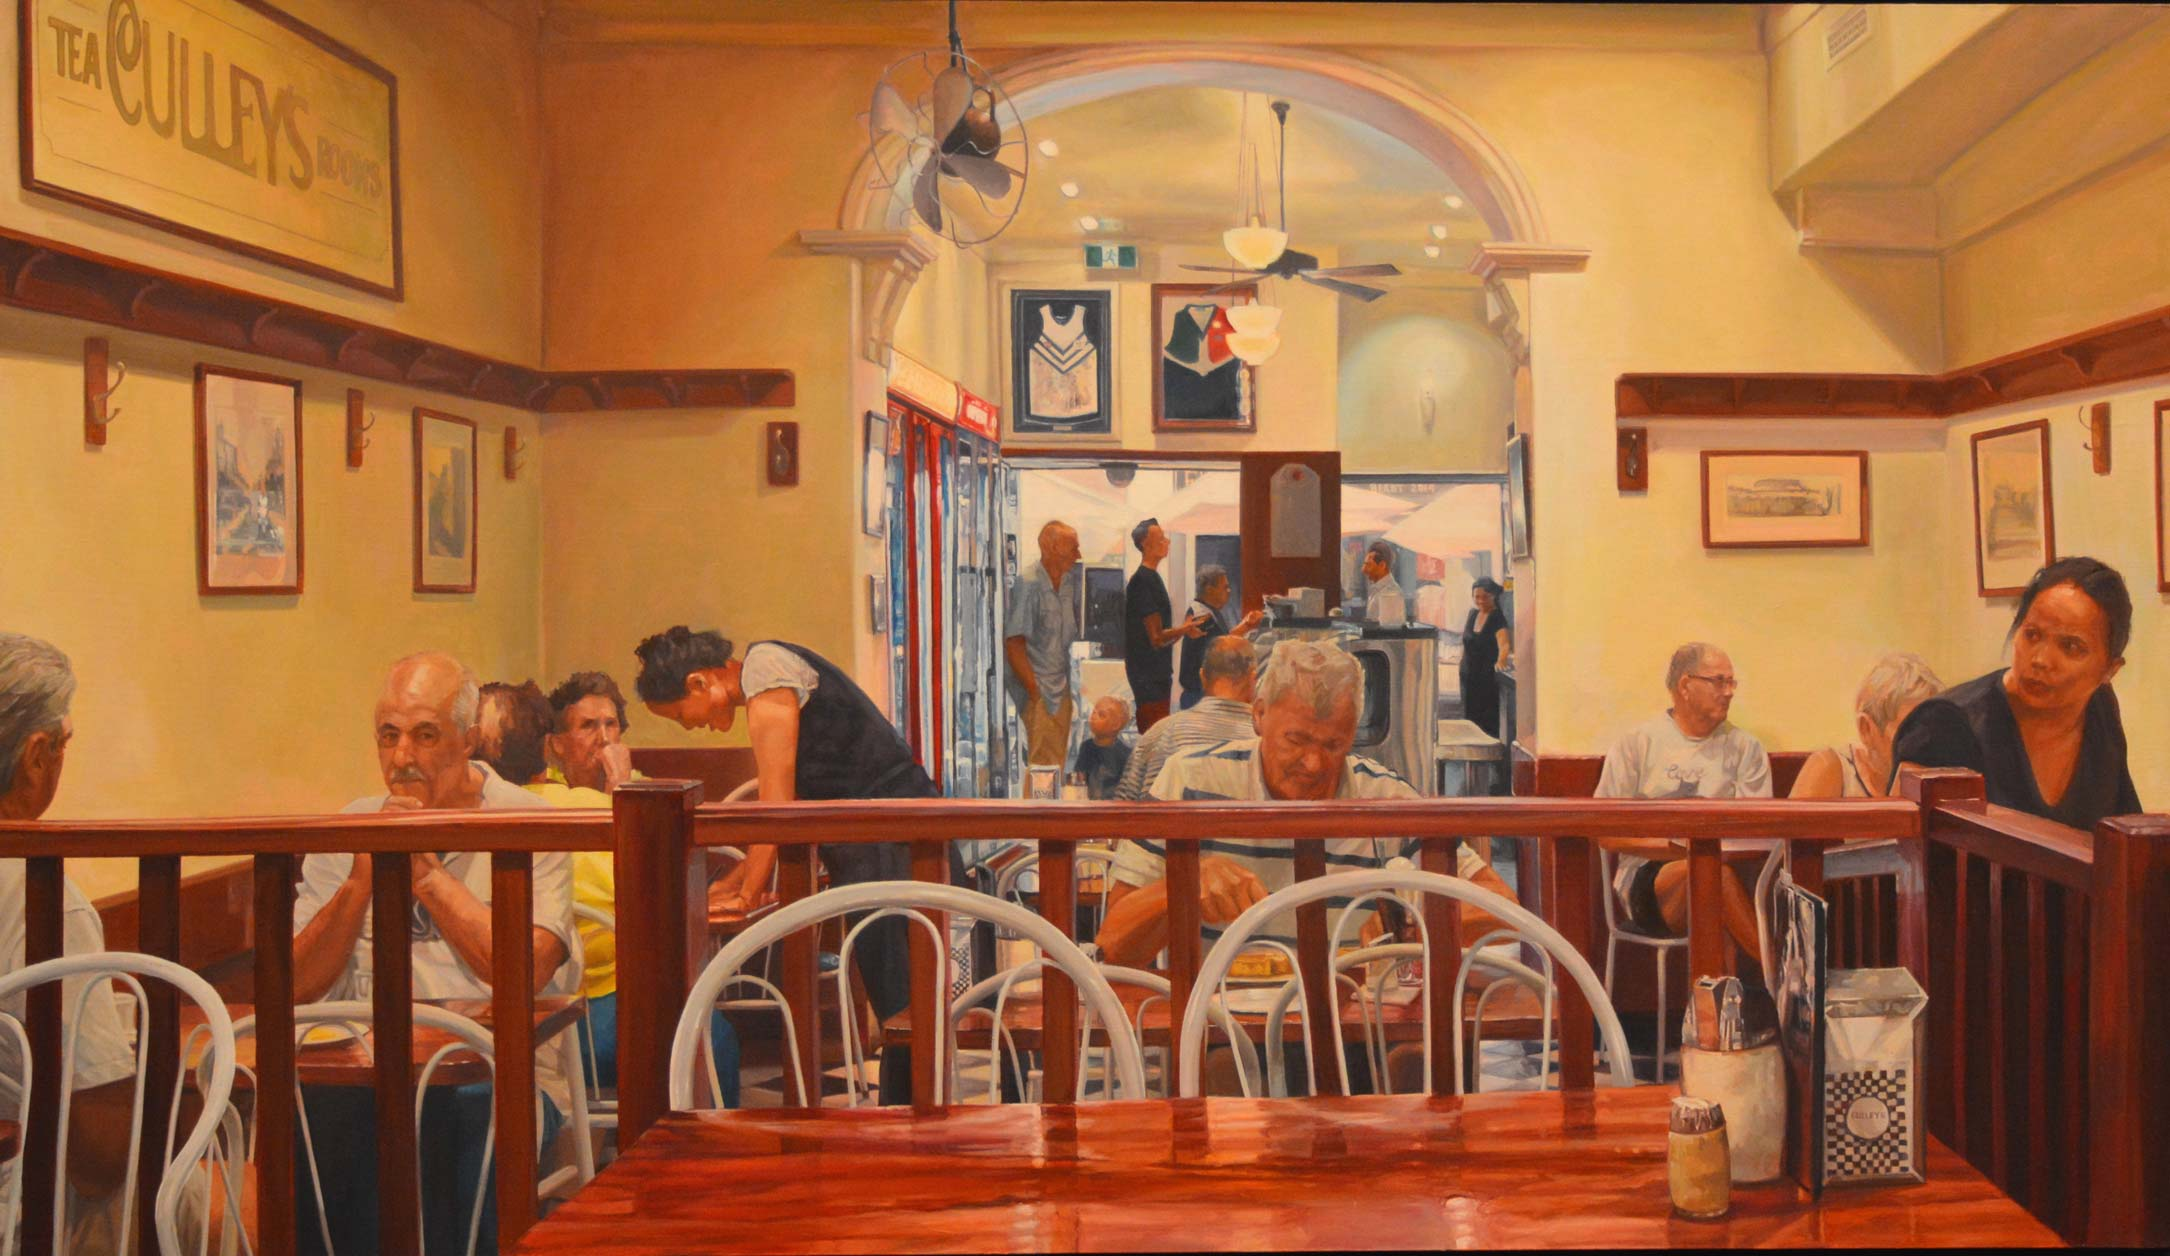 Marcus-Beilby-Cullys-tea-rooms